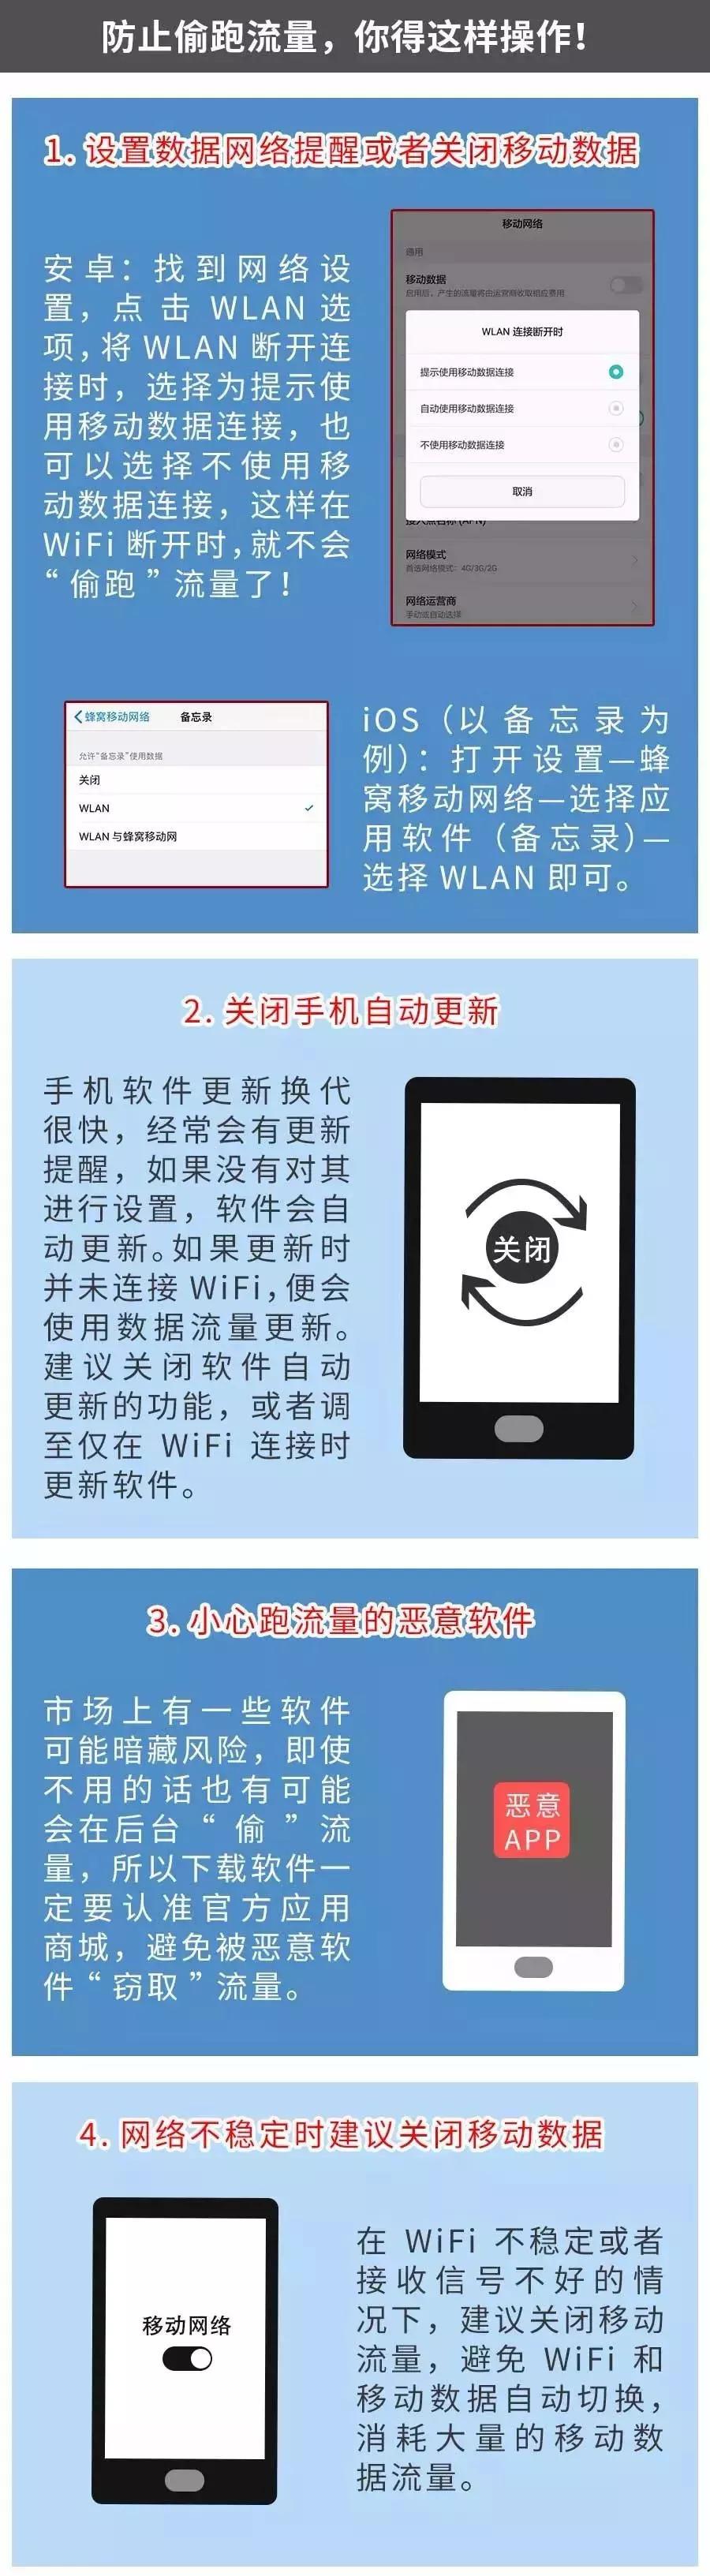 必赢56net手机版 4